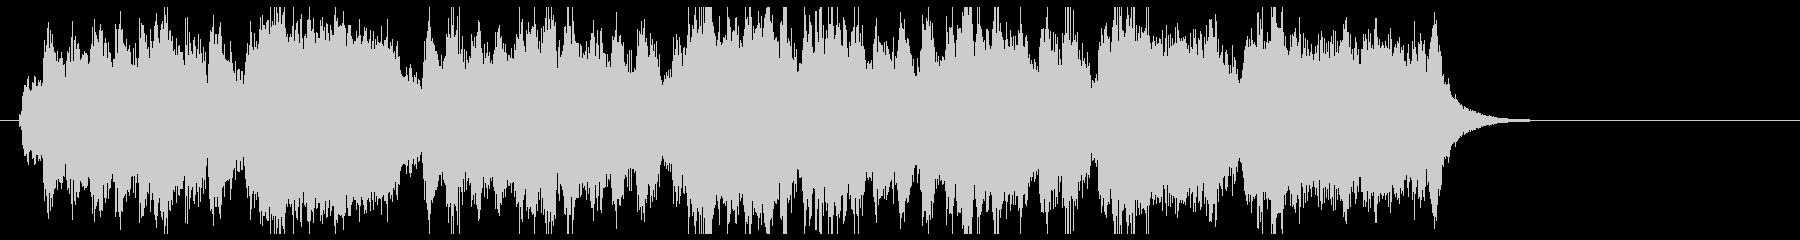 迫力のあるパワフルなラッパ曲の未再生の波形